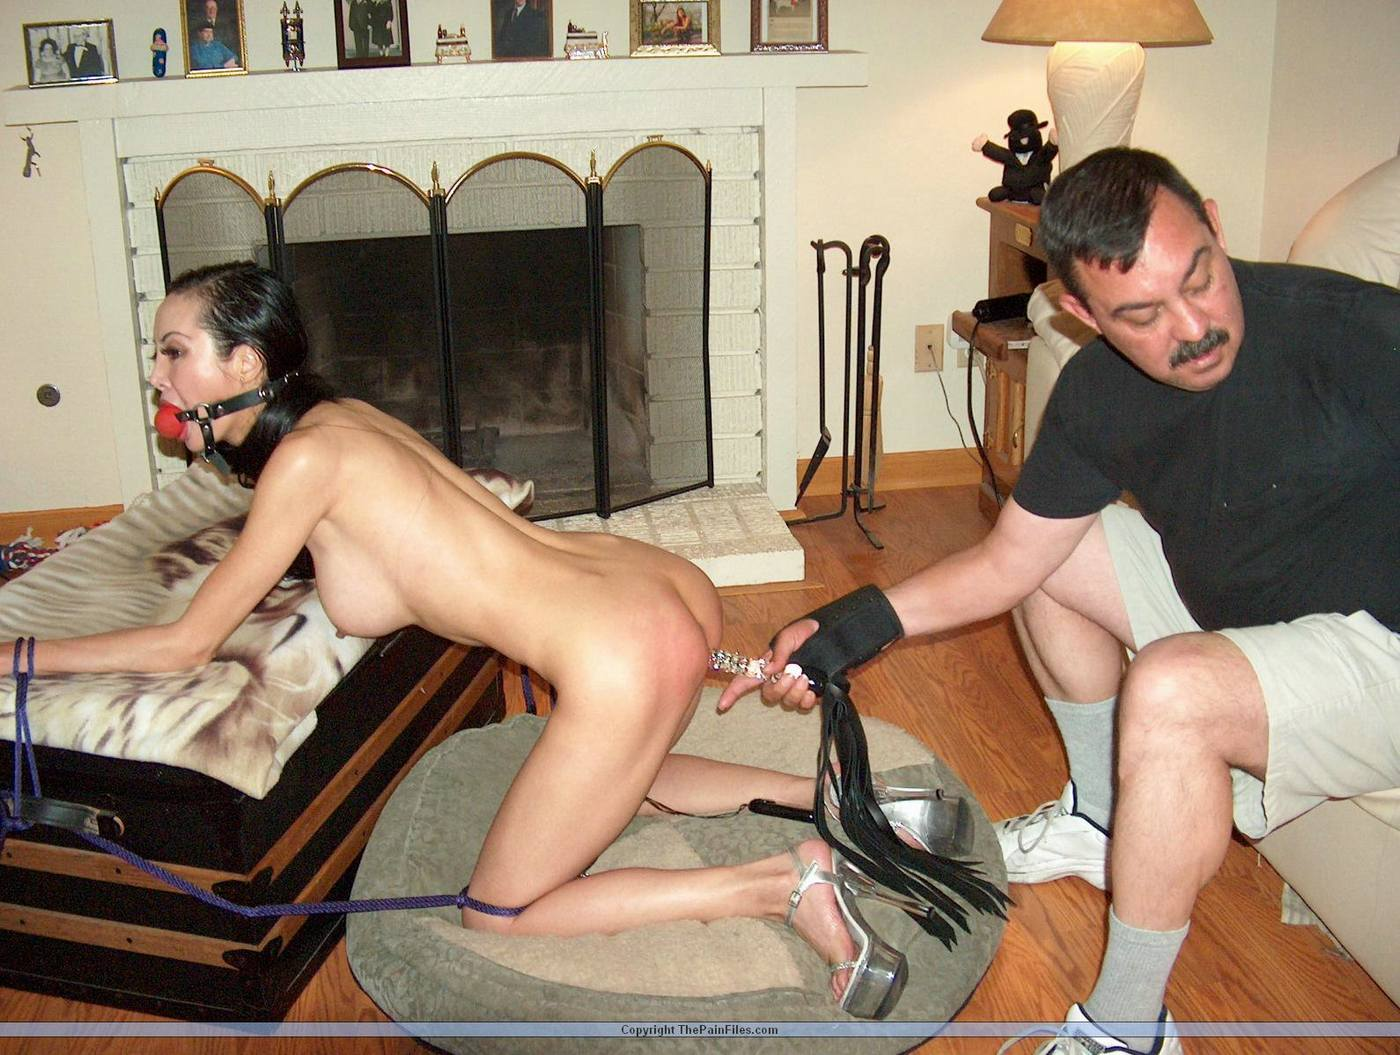 Похищение девушек рассказы порно, Похищение. Часть 2 (секс рассказ) 18 фотография